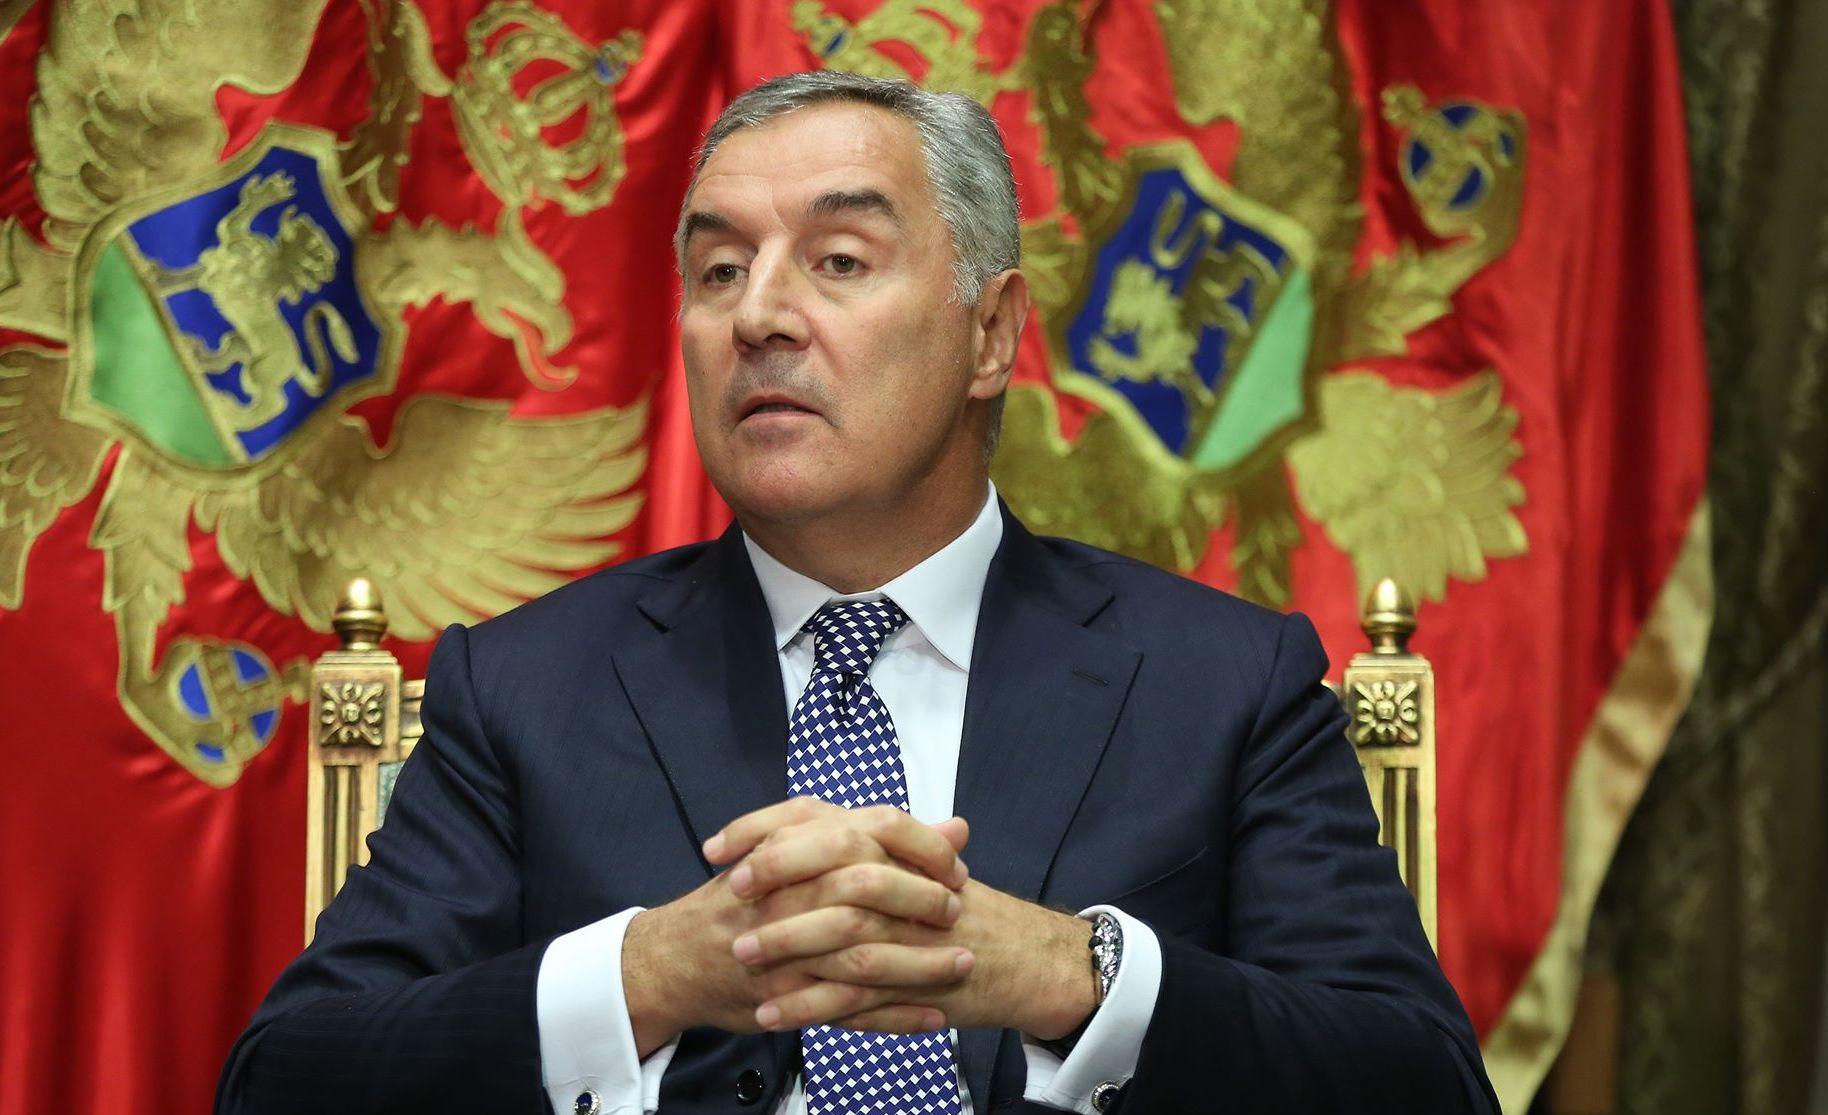 Ђукановић: Идеја великосрбског национализма није сахрањена и данас се насрће на Црну Гору са истом страшћу